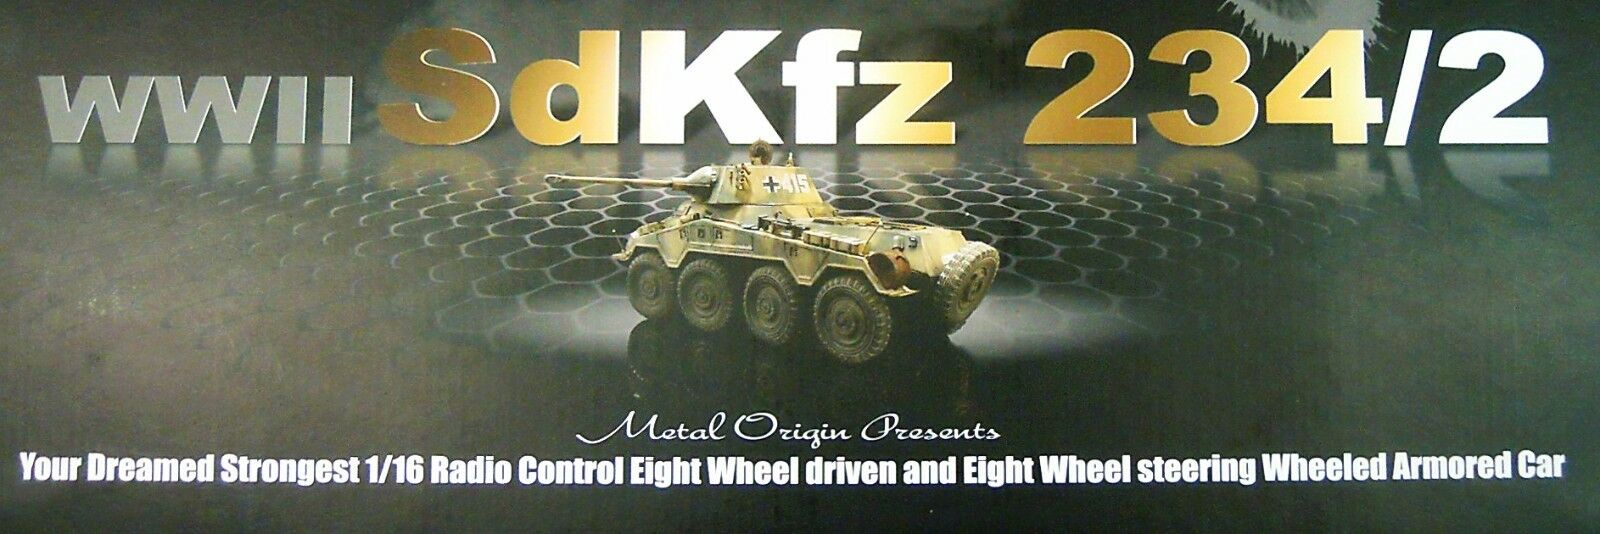 RC habilitado para Kit sd.kfz.234 2  puma , TORRO, 1 16, plástico + metal,  novedad